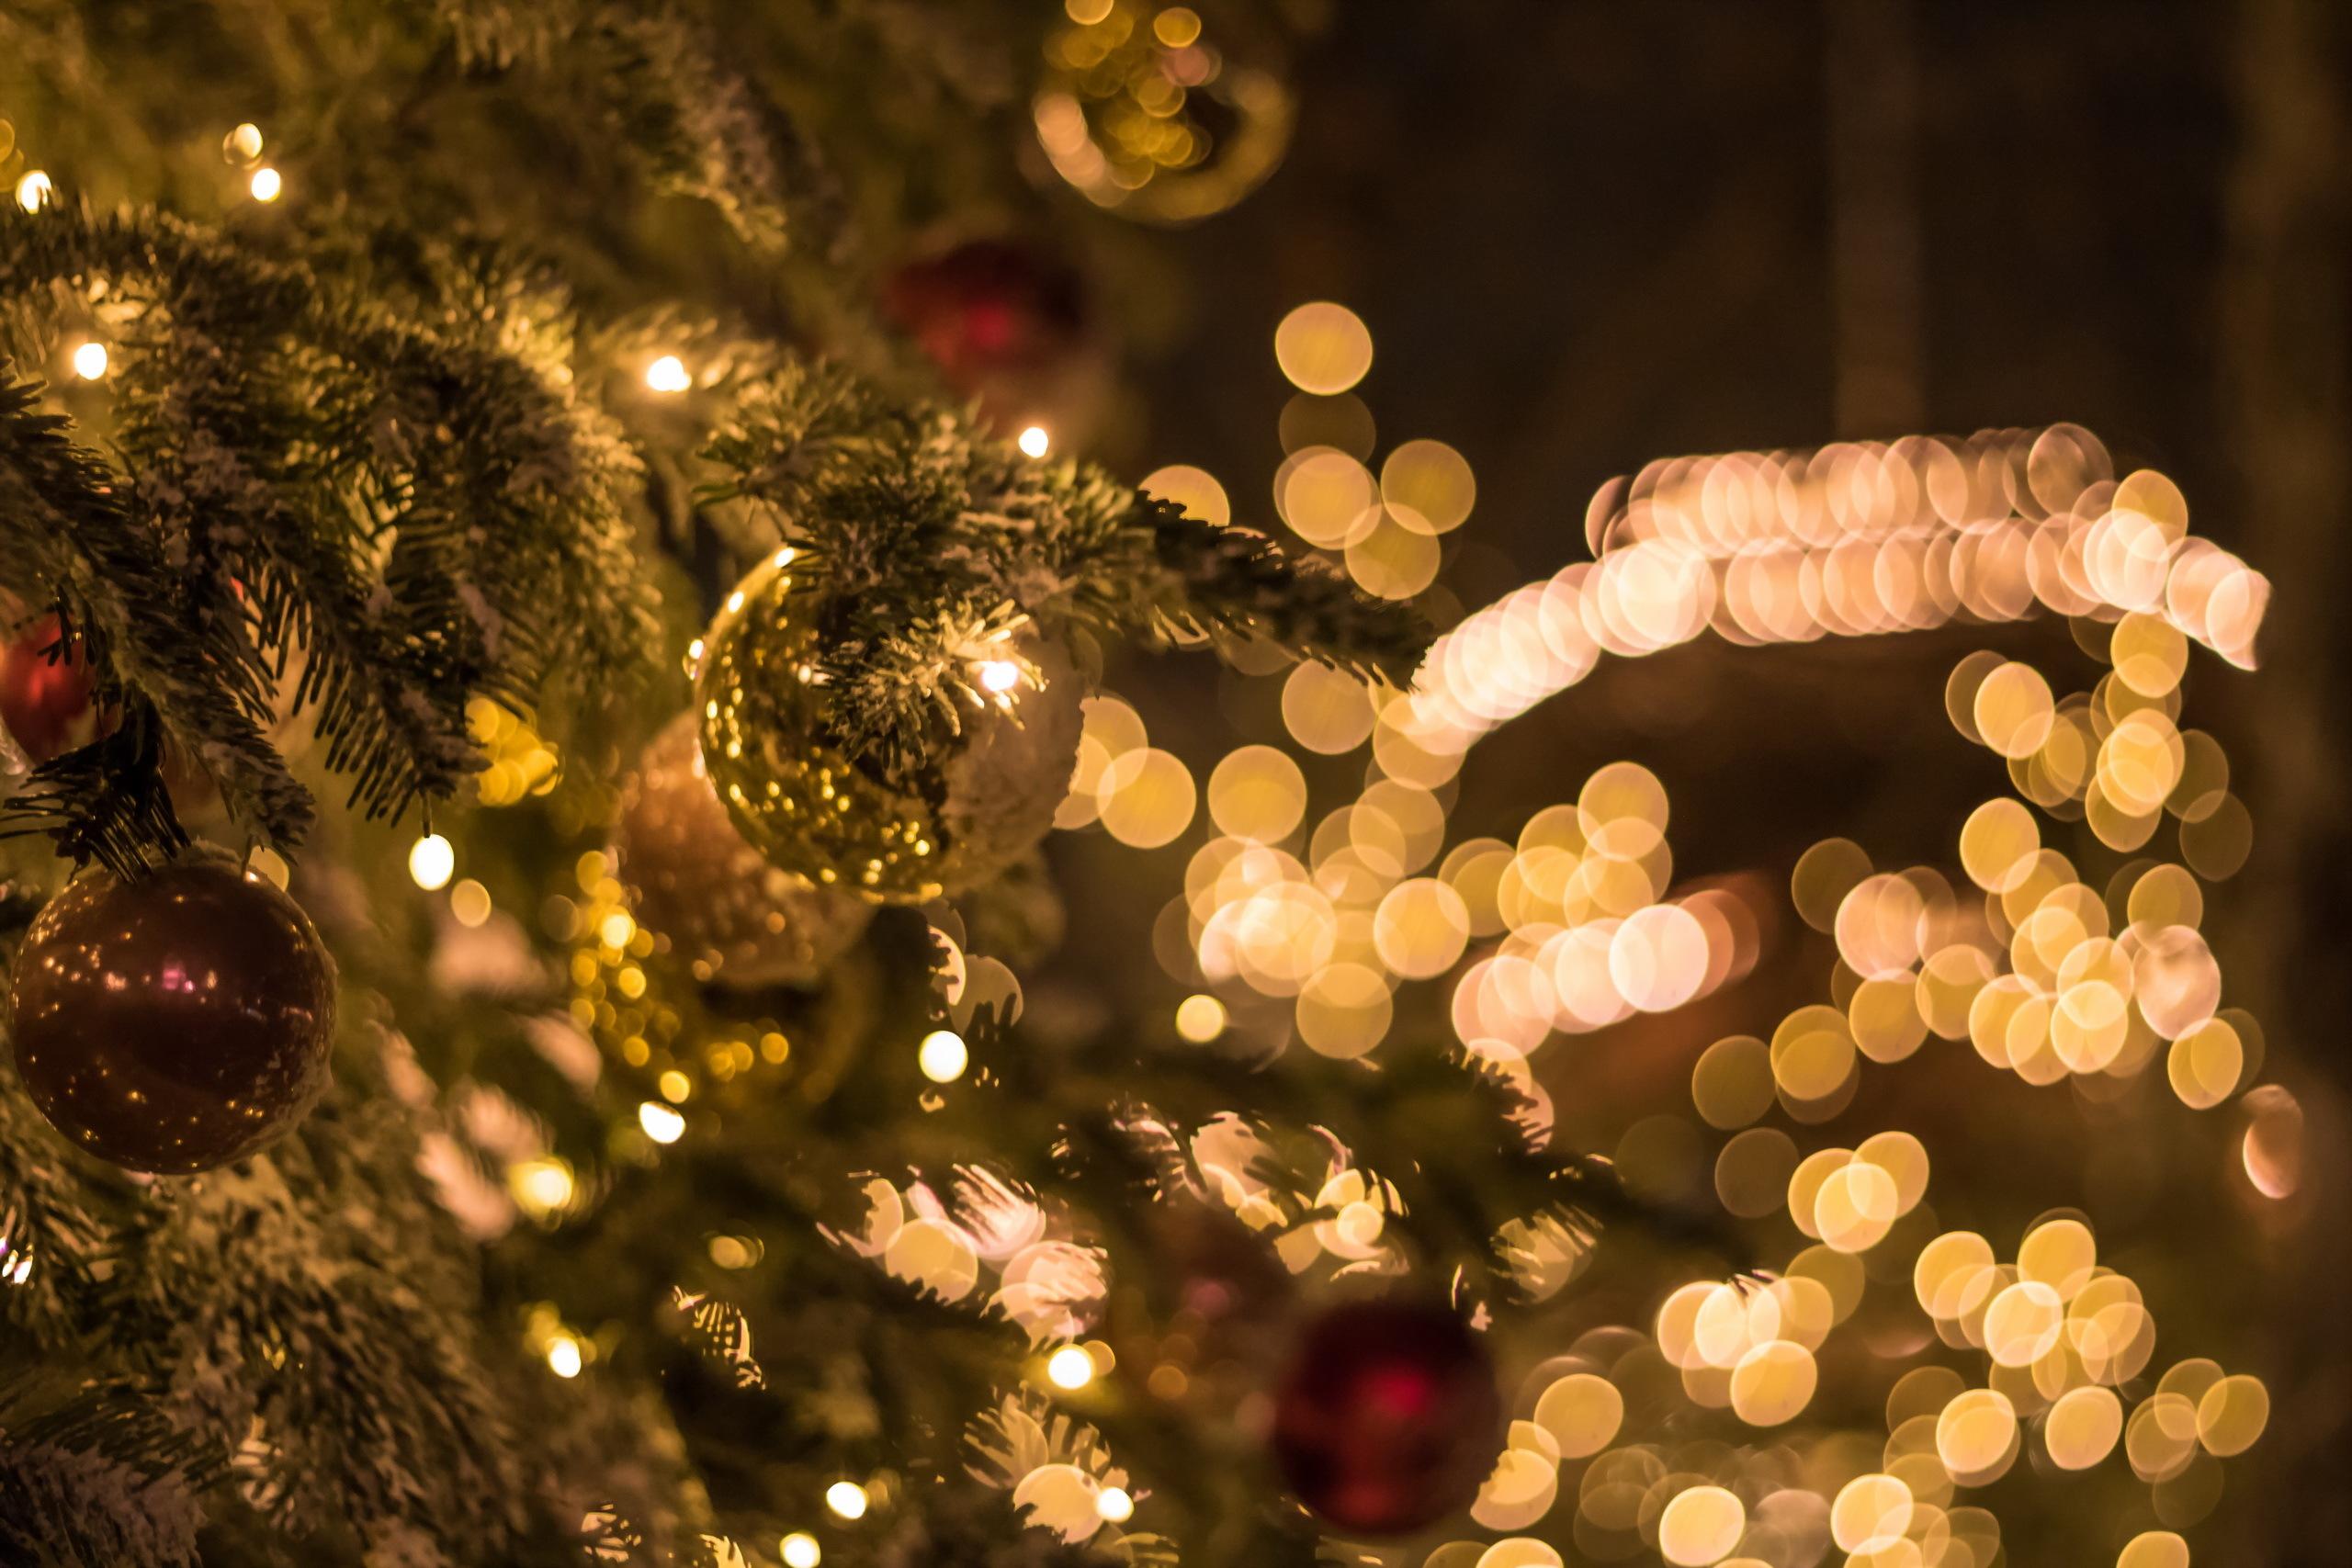 показать фото на рабочий стол компьютера новогодние елки лет опыта позволяет